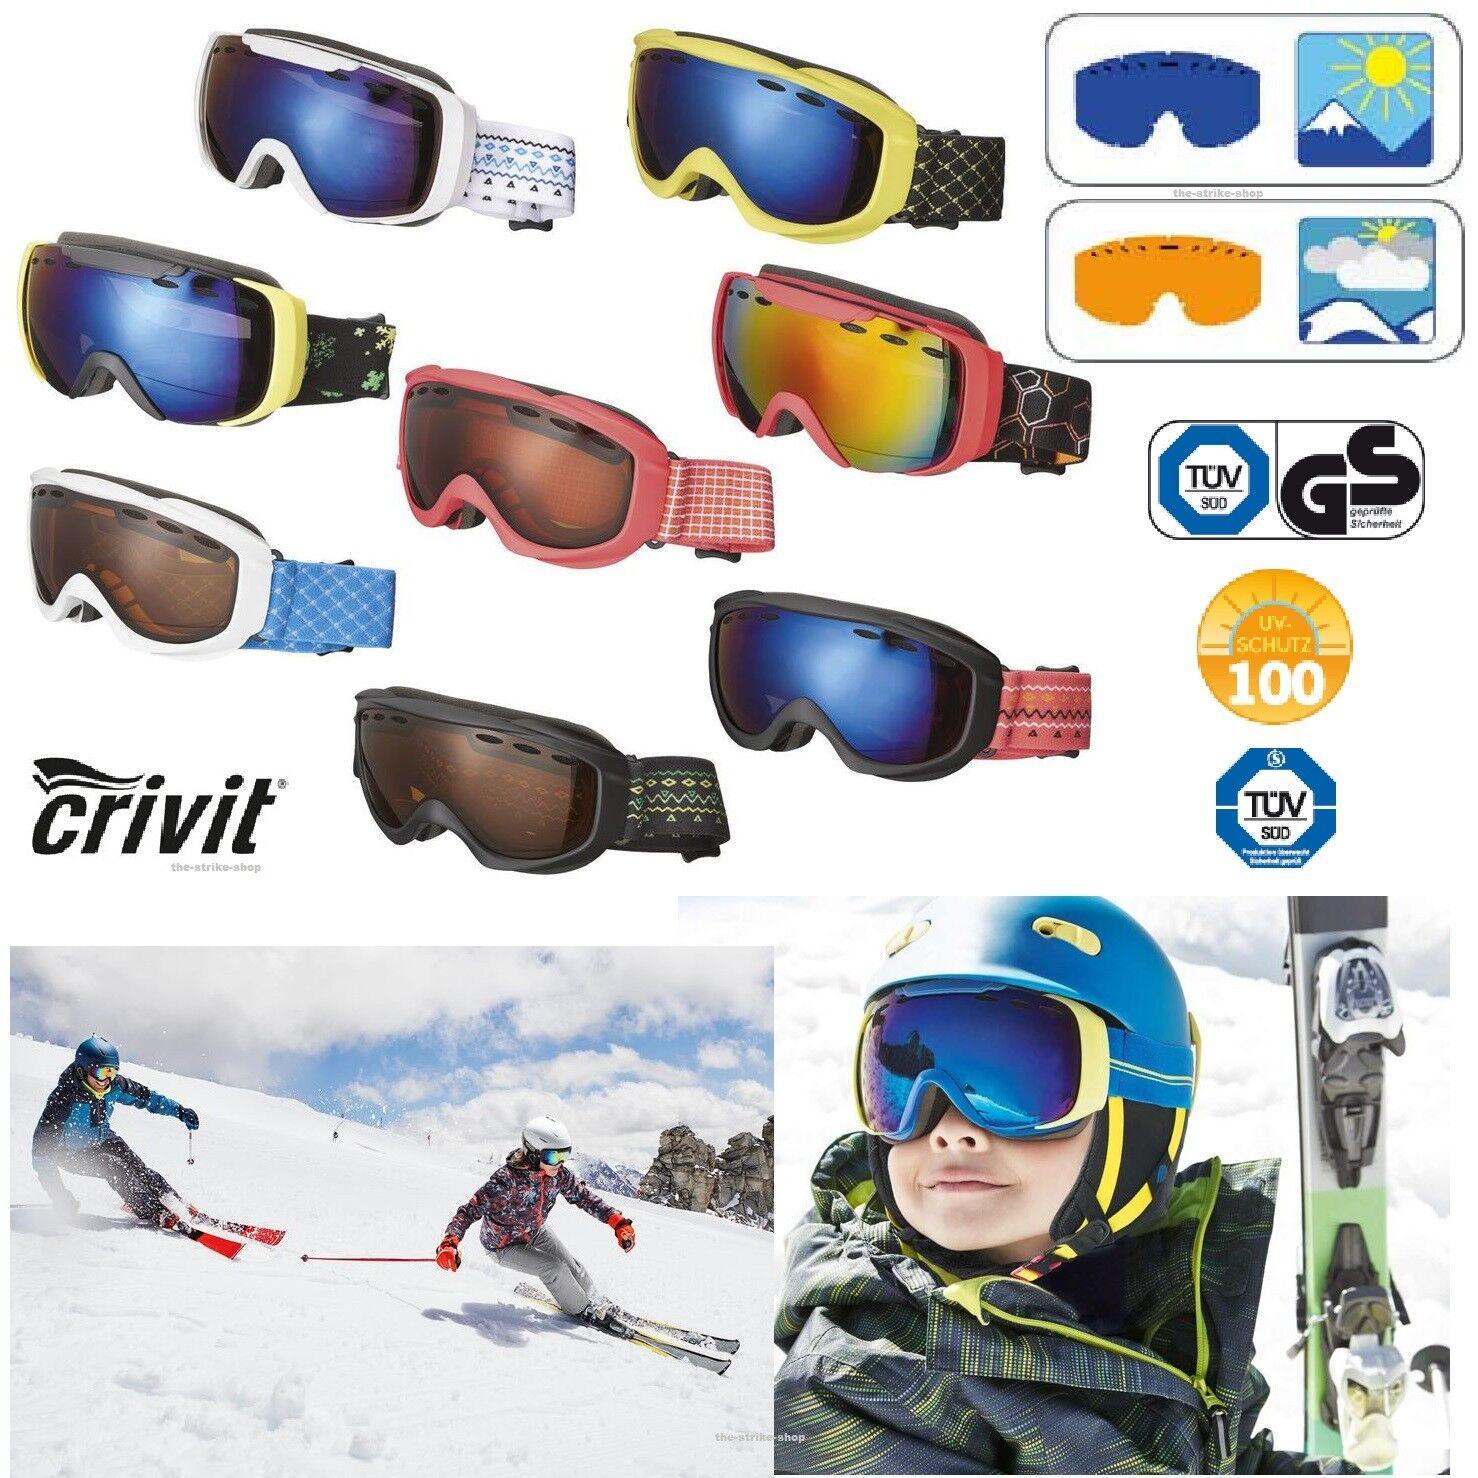 Crivit Kinder Ski und Snowboardbrillen Sport Snowboard Brille Alpen S2 S3 NEU